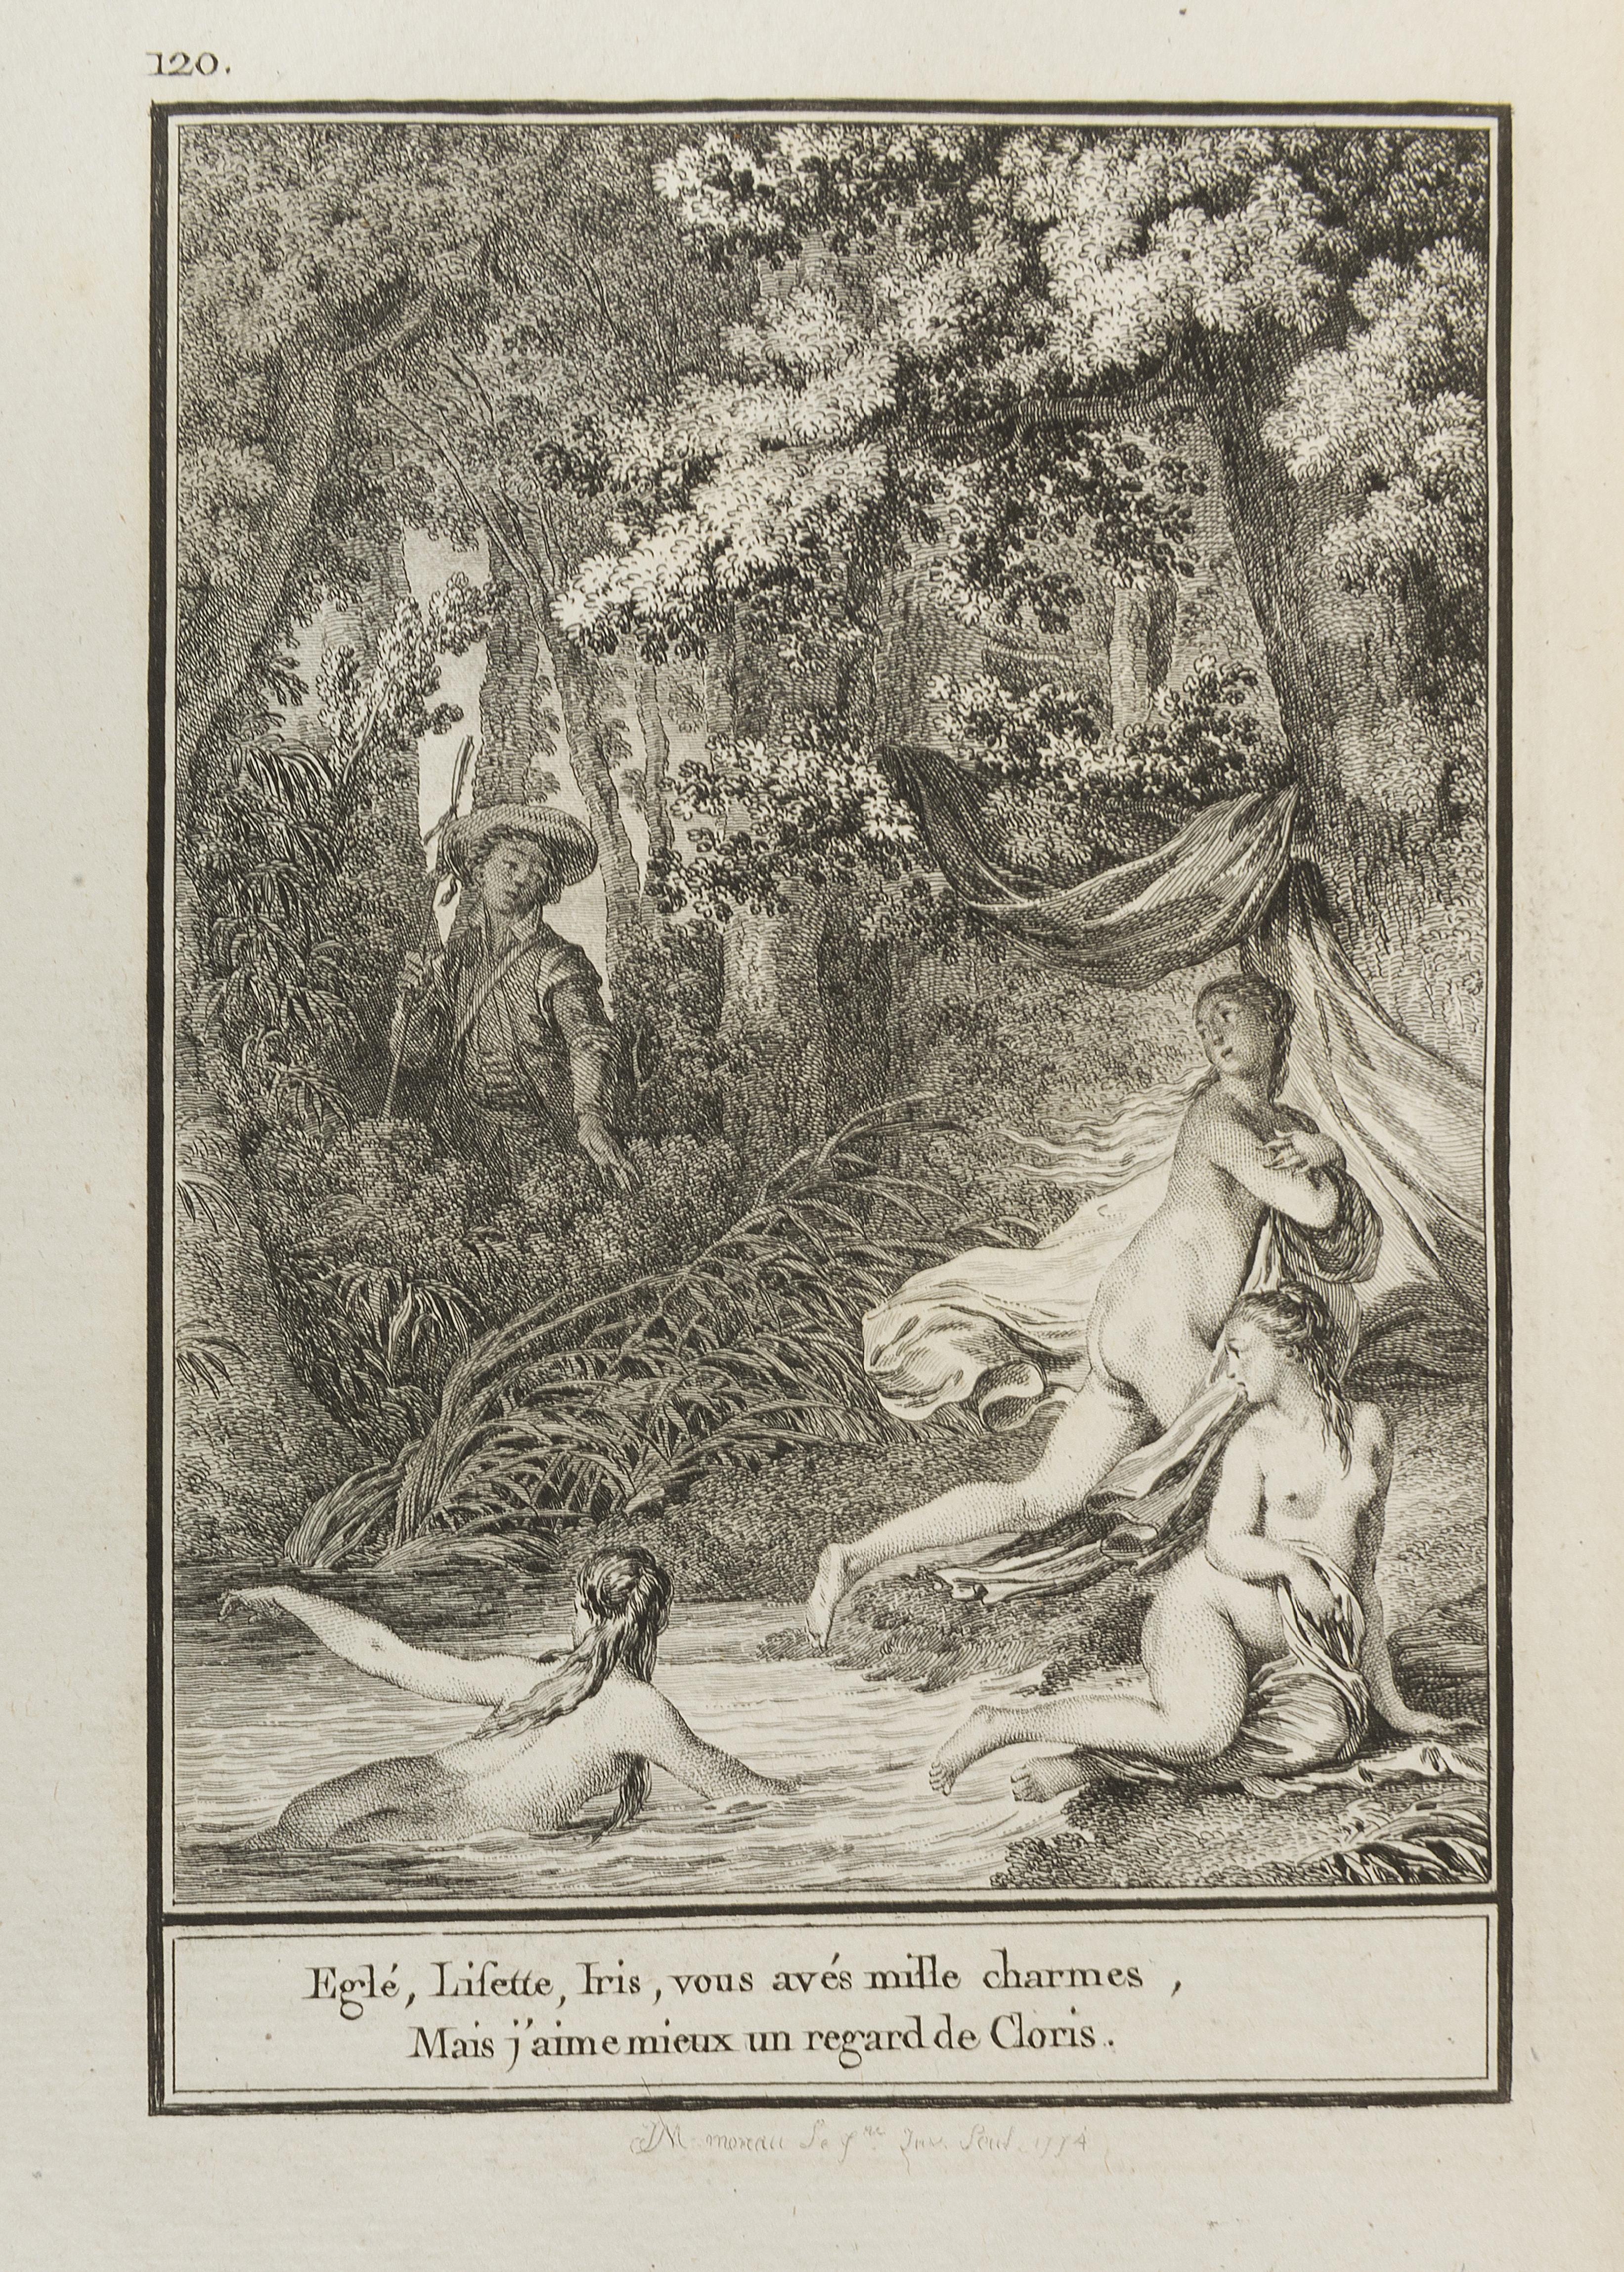 38. LABORDE. Choix de chansons. Paris, de Lormel, 1773.